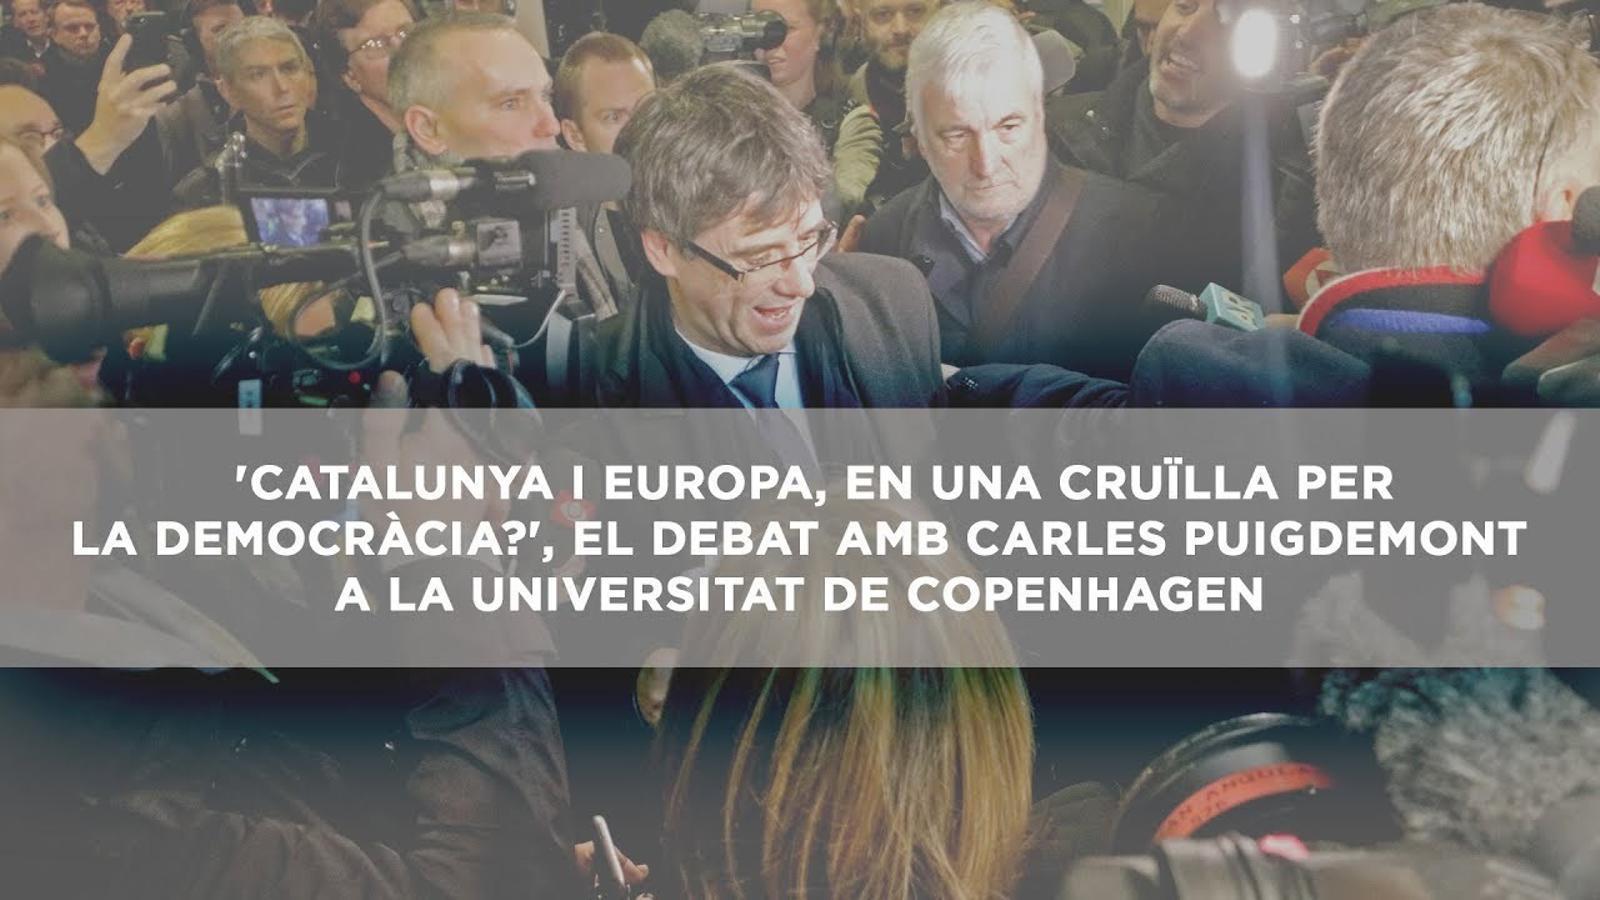 'Catalunya i Europa, en una cruïlla per la democràcia?', el debat amb Carles Puigdemont a la Universitat de Copenhagen